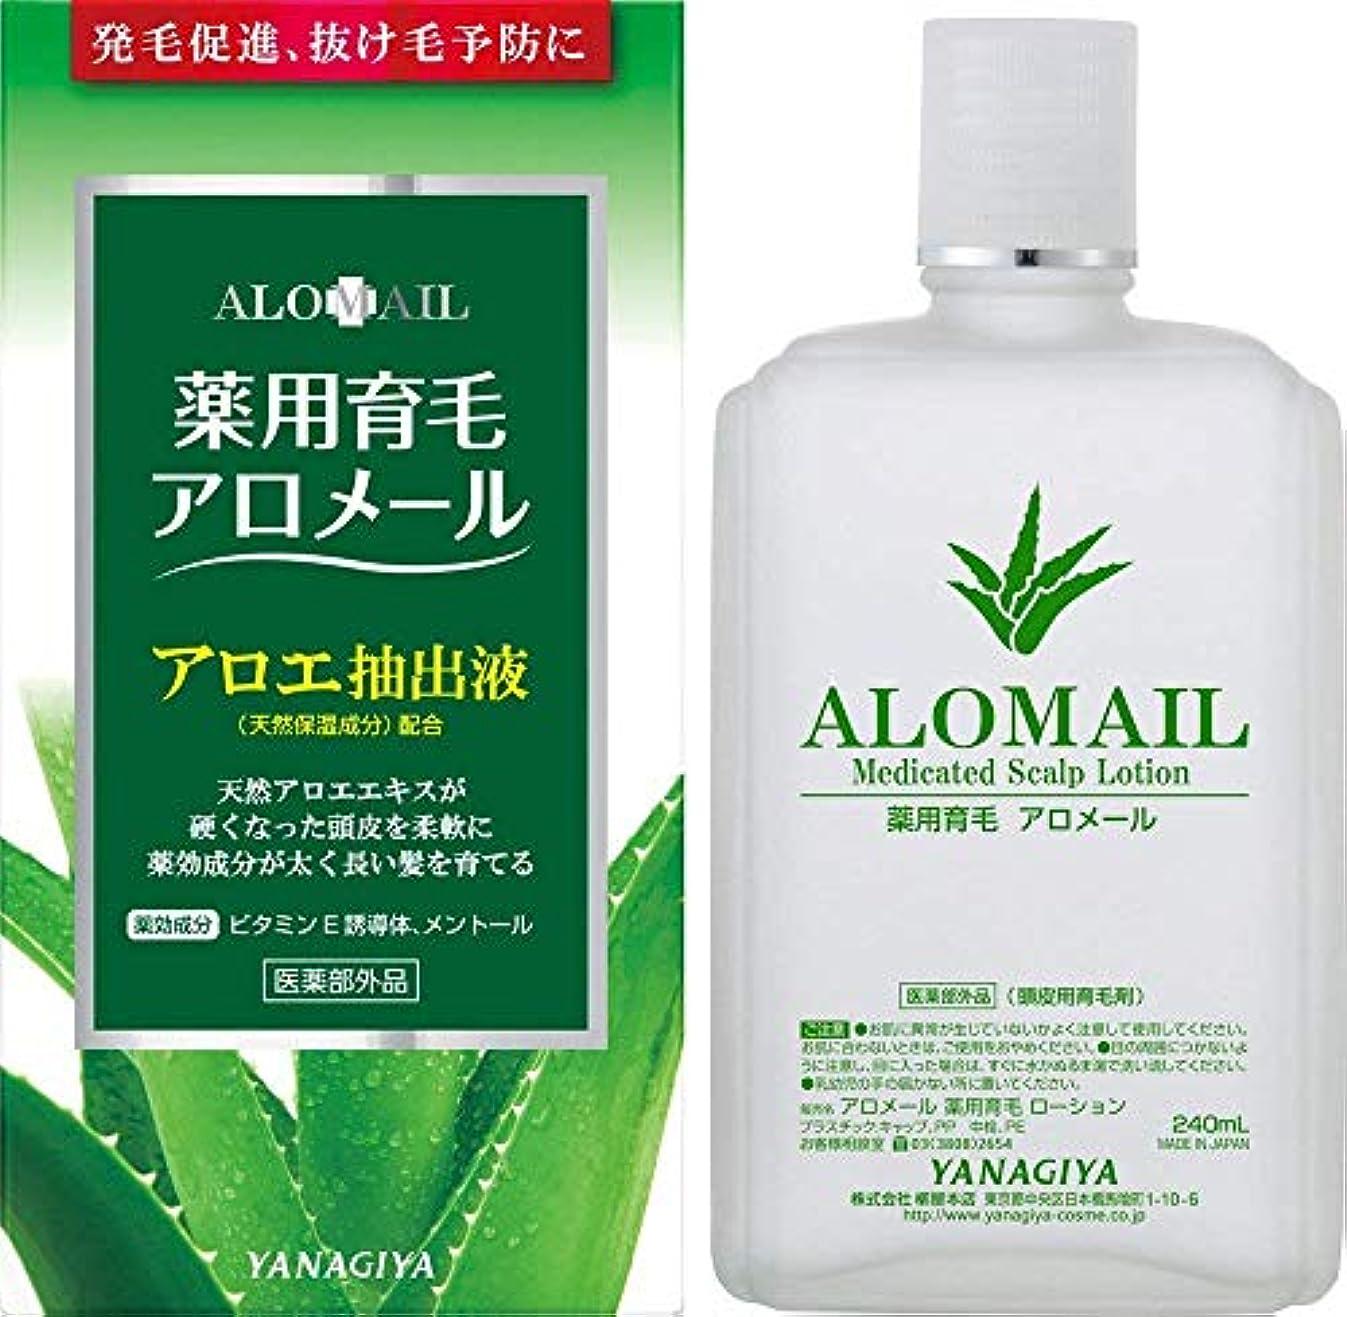 接続農学センサー【まとめ買い】柳屋 薬用育毛アロメール 240ml ×2セット